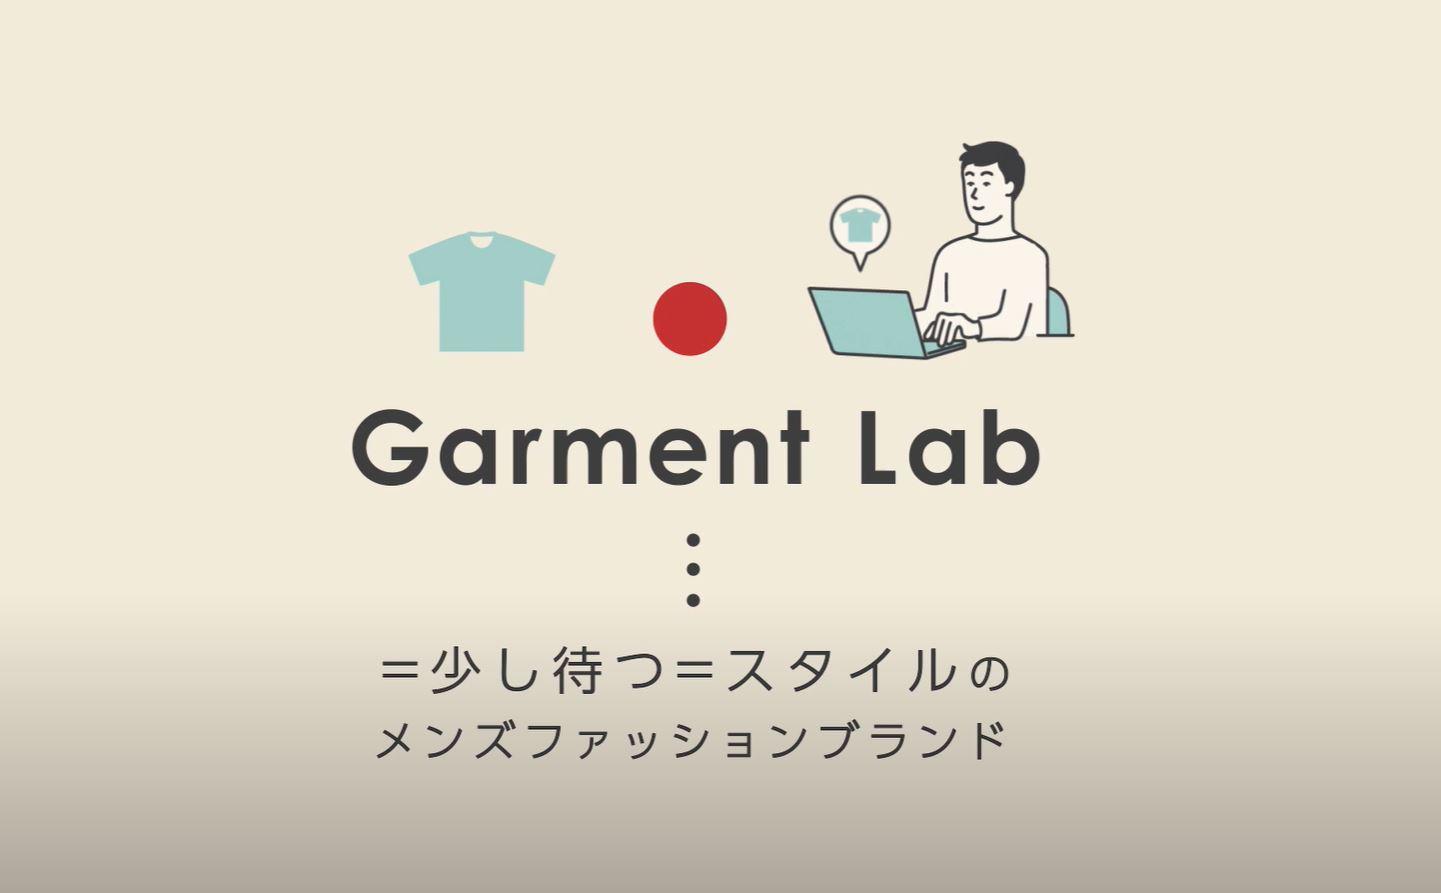 Garment Lab =少し待つ= スタイルのファッションブランド